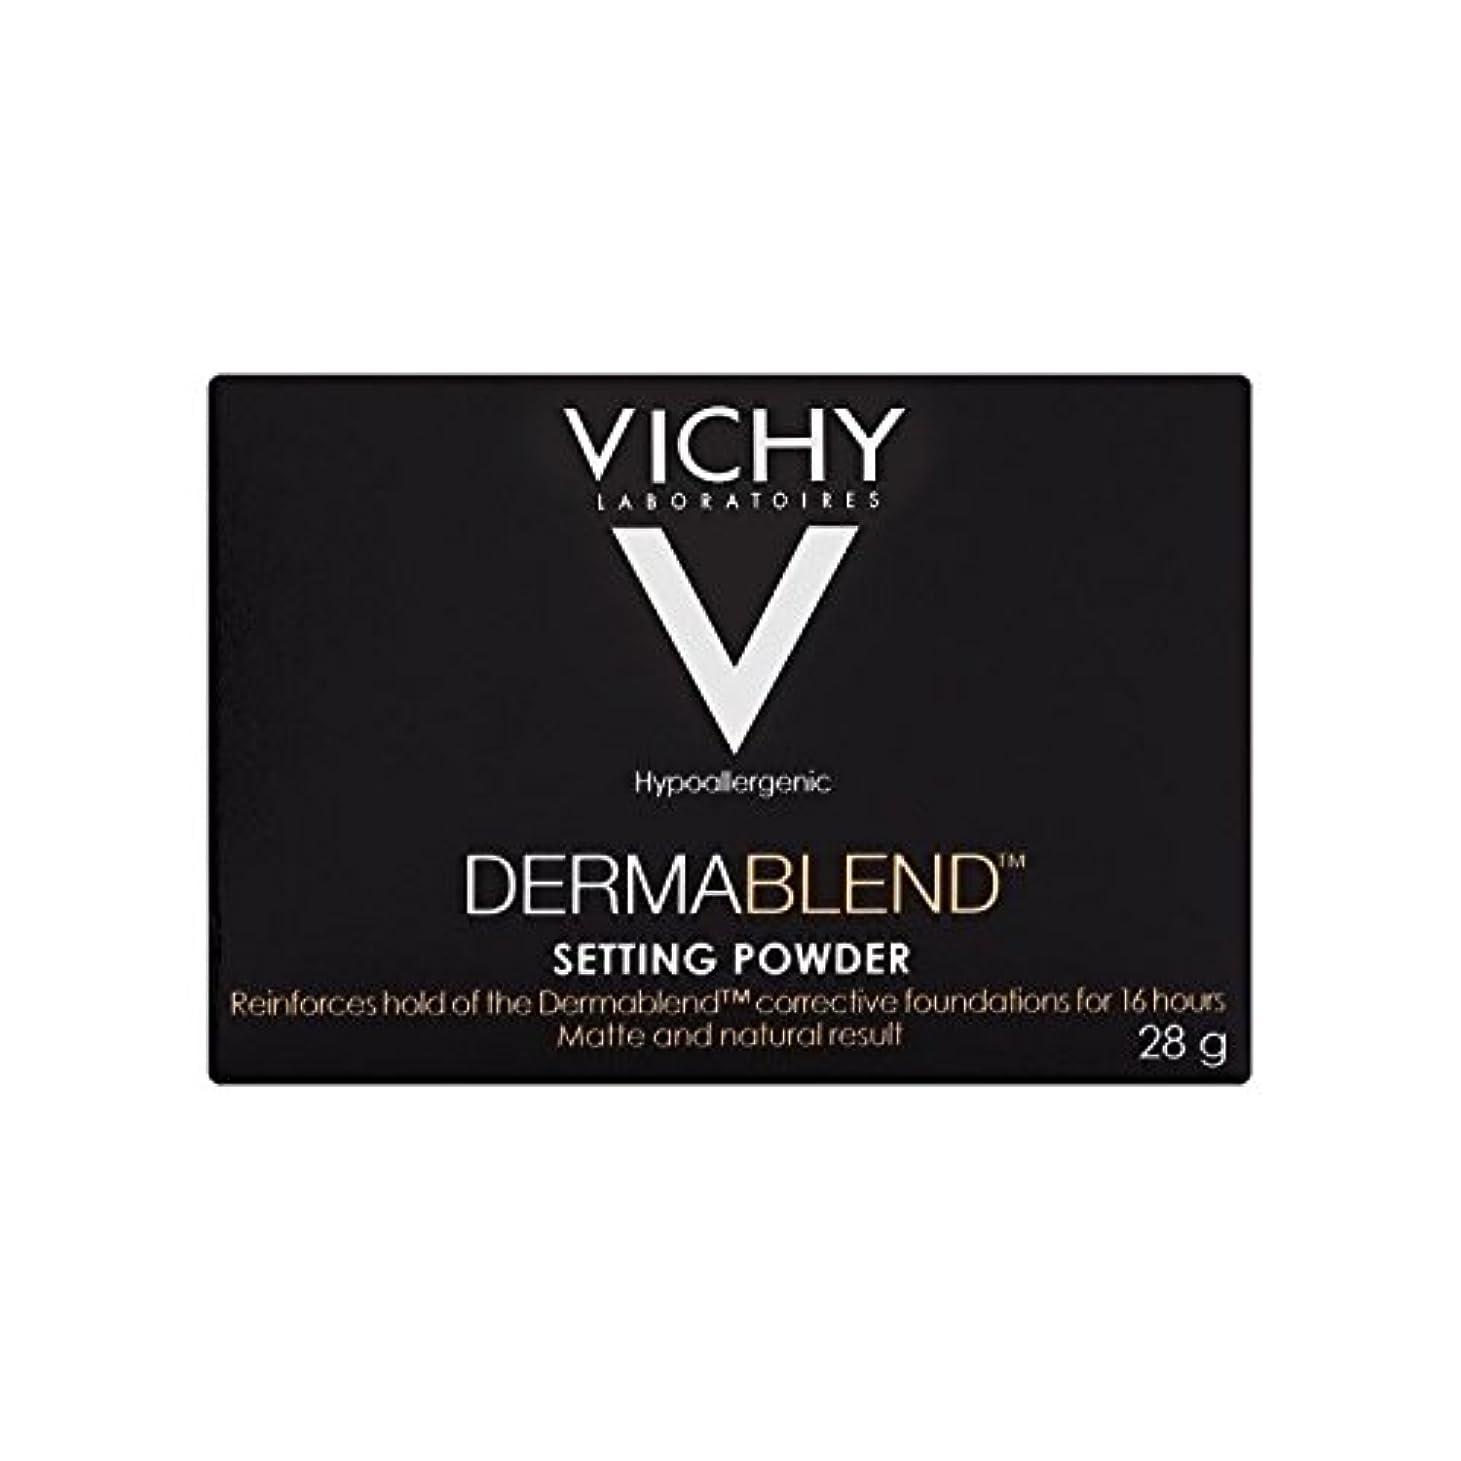 鮫アプライアンスシロクマヴィシー設定粉末28グラム x4 - Vichy Dermablend Setting Powder 28g (Pack of 4) [並行輸入品]